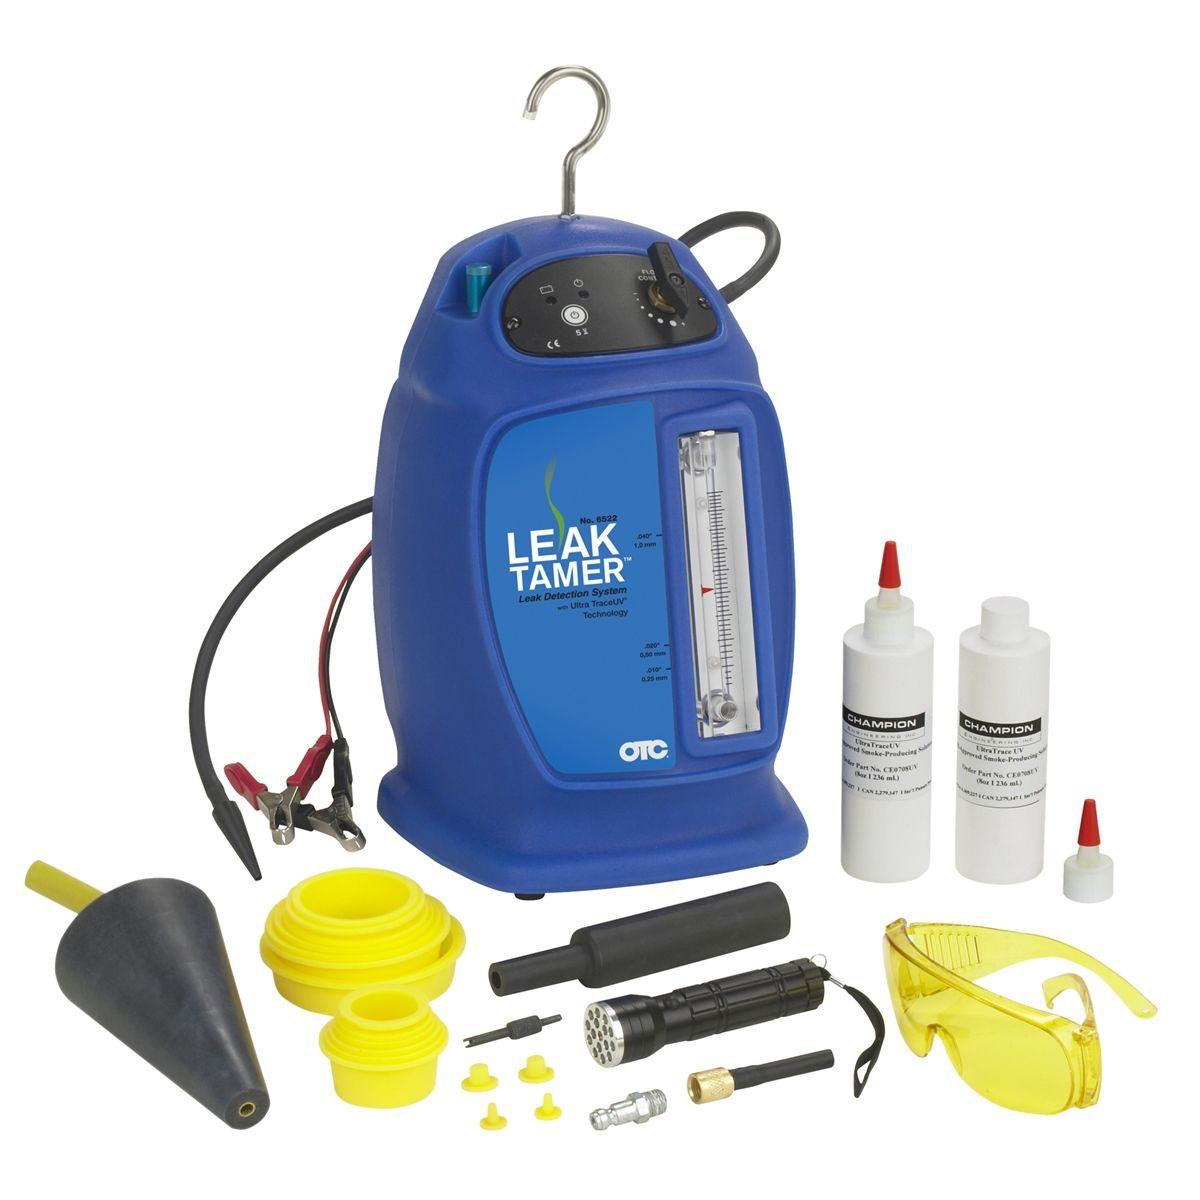 Leaktamer Smoke Machine Otc 6522